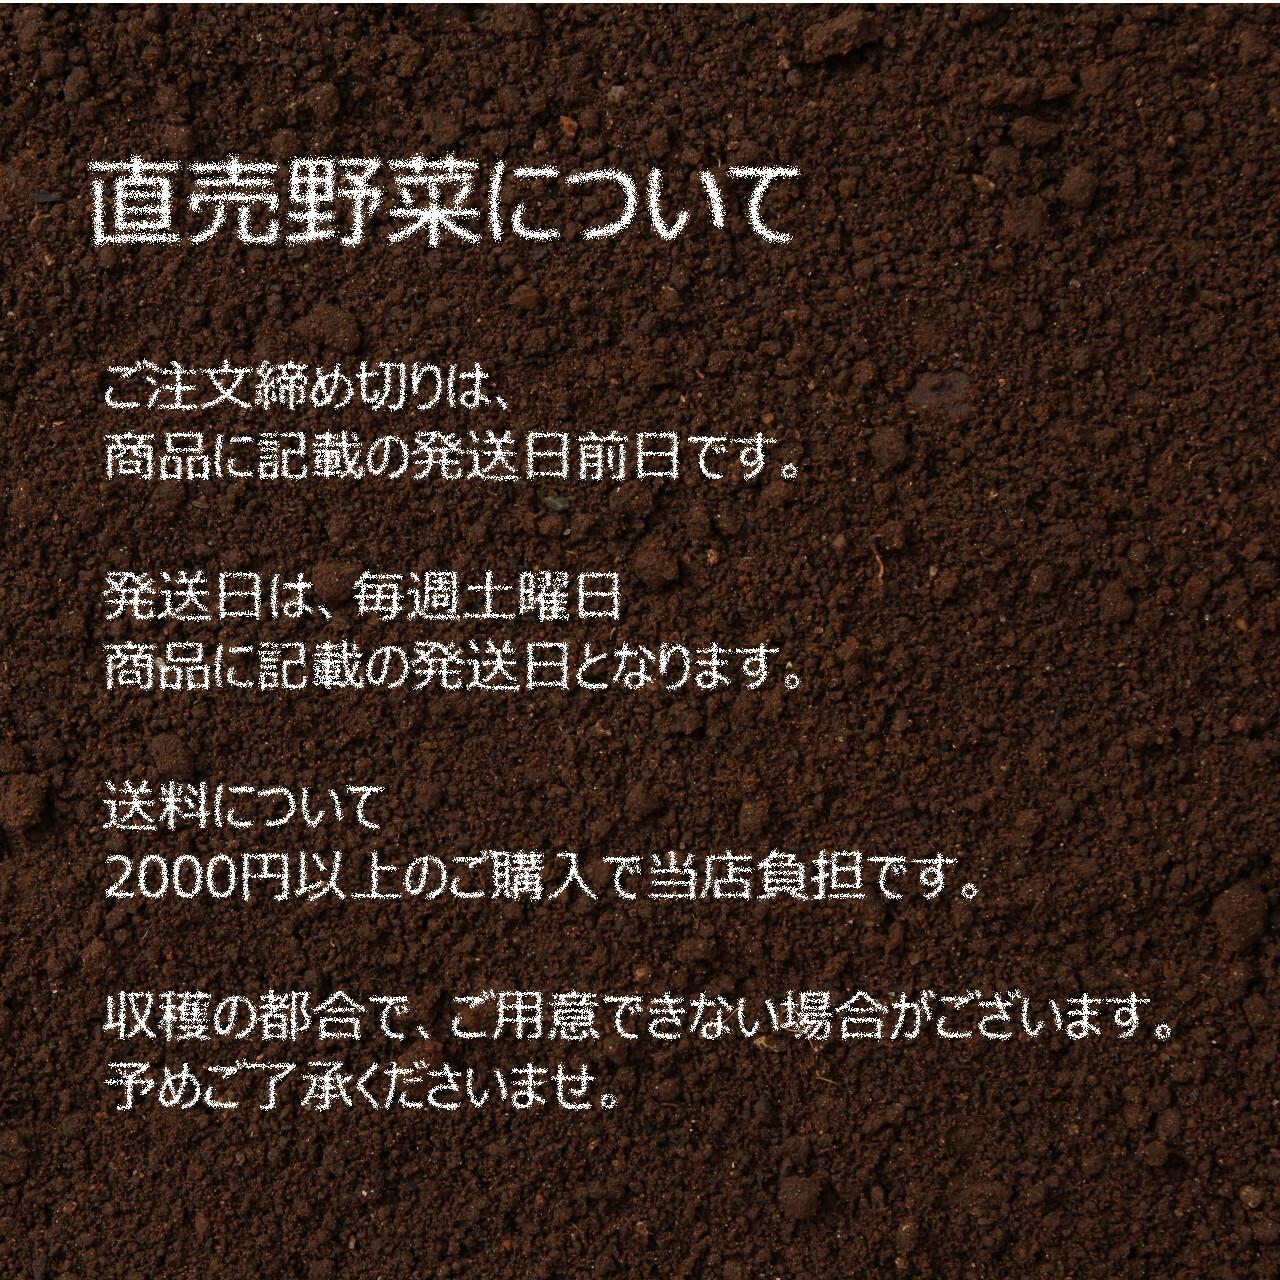 5月朝採り直売野菜:フキ 約300g 春の新鮮野菜 5月16日発送予定